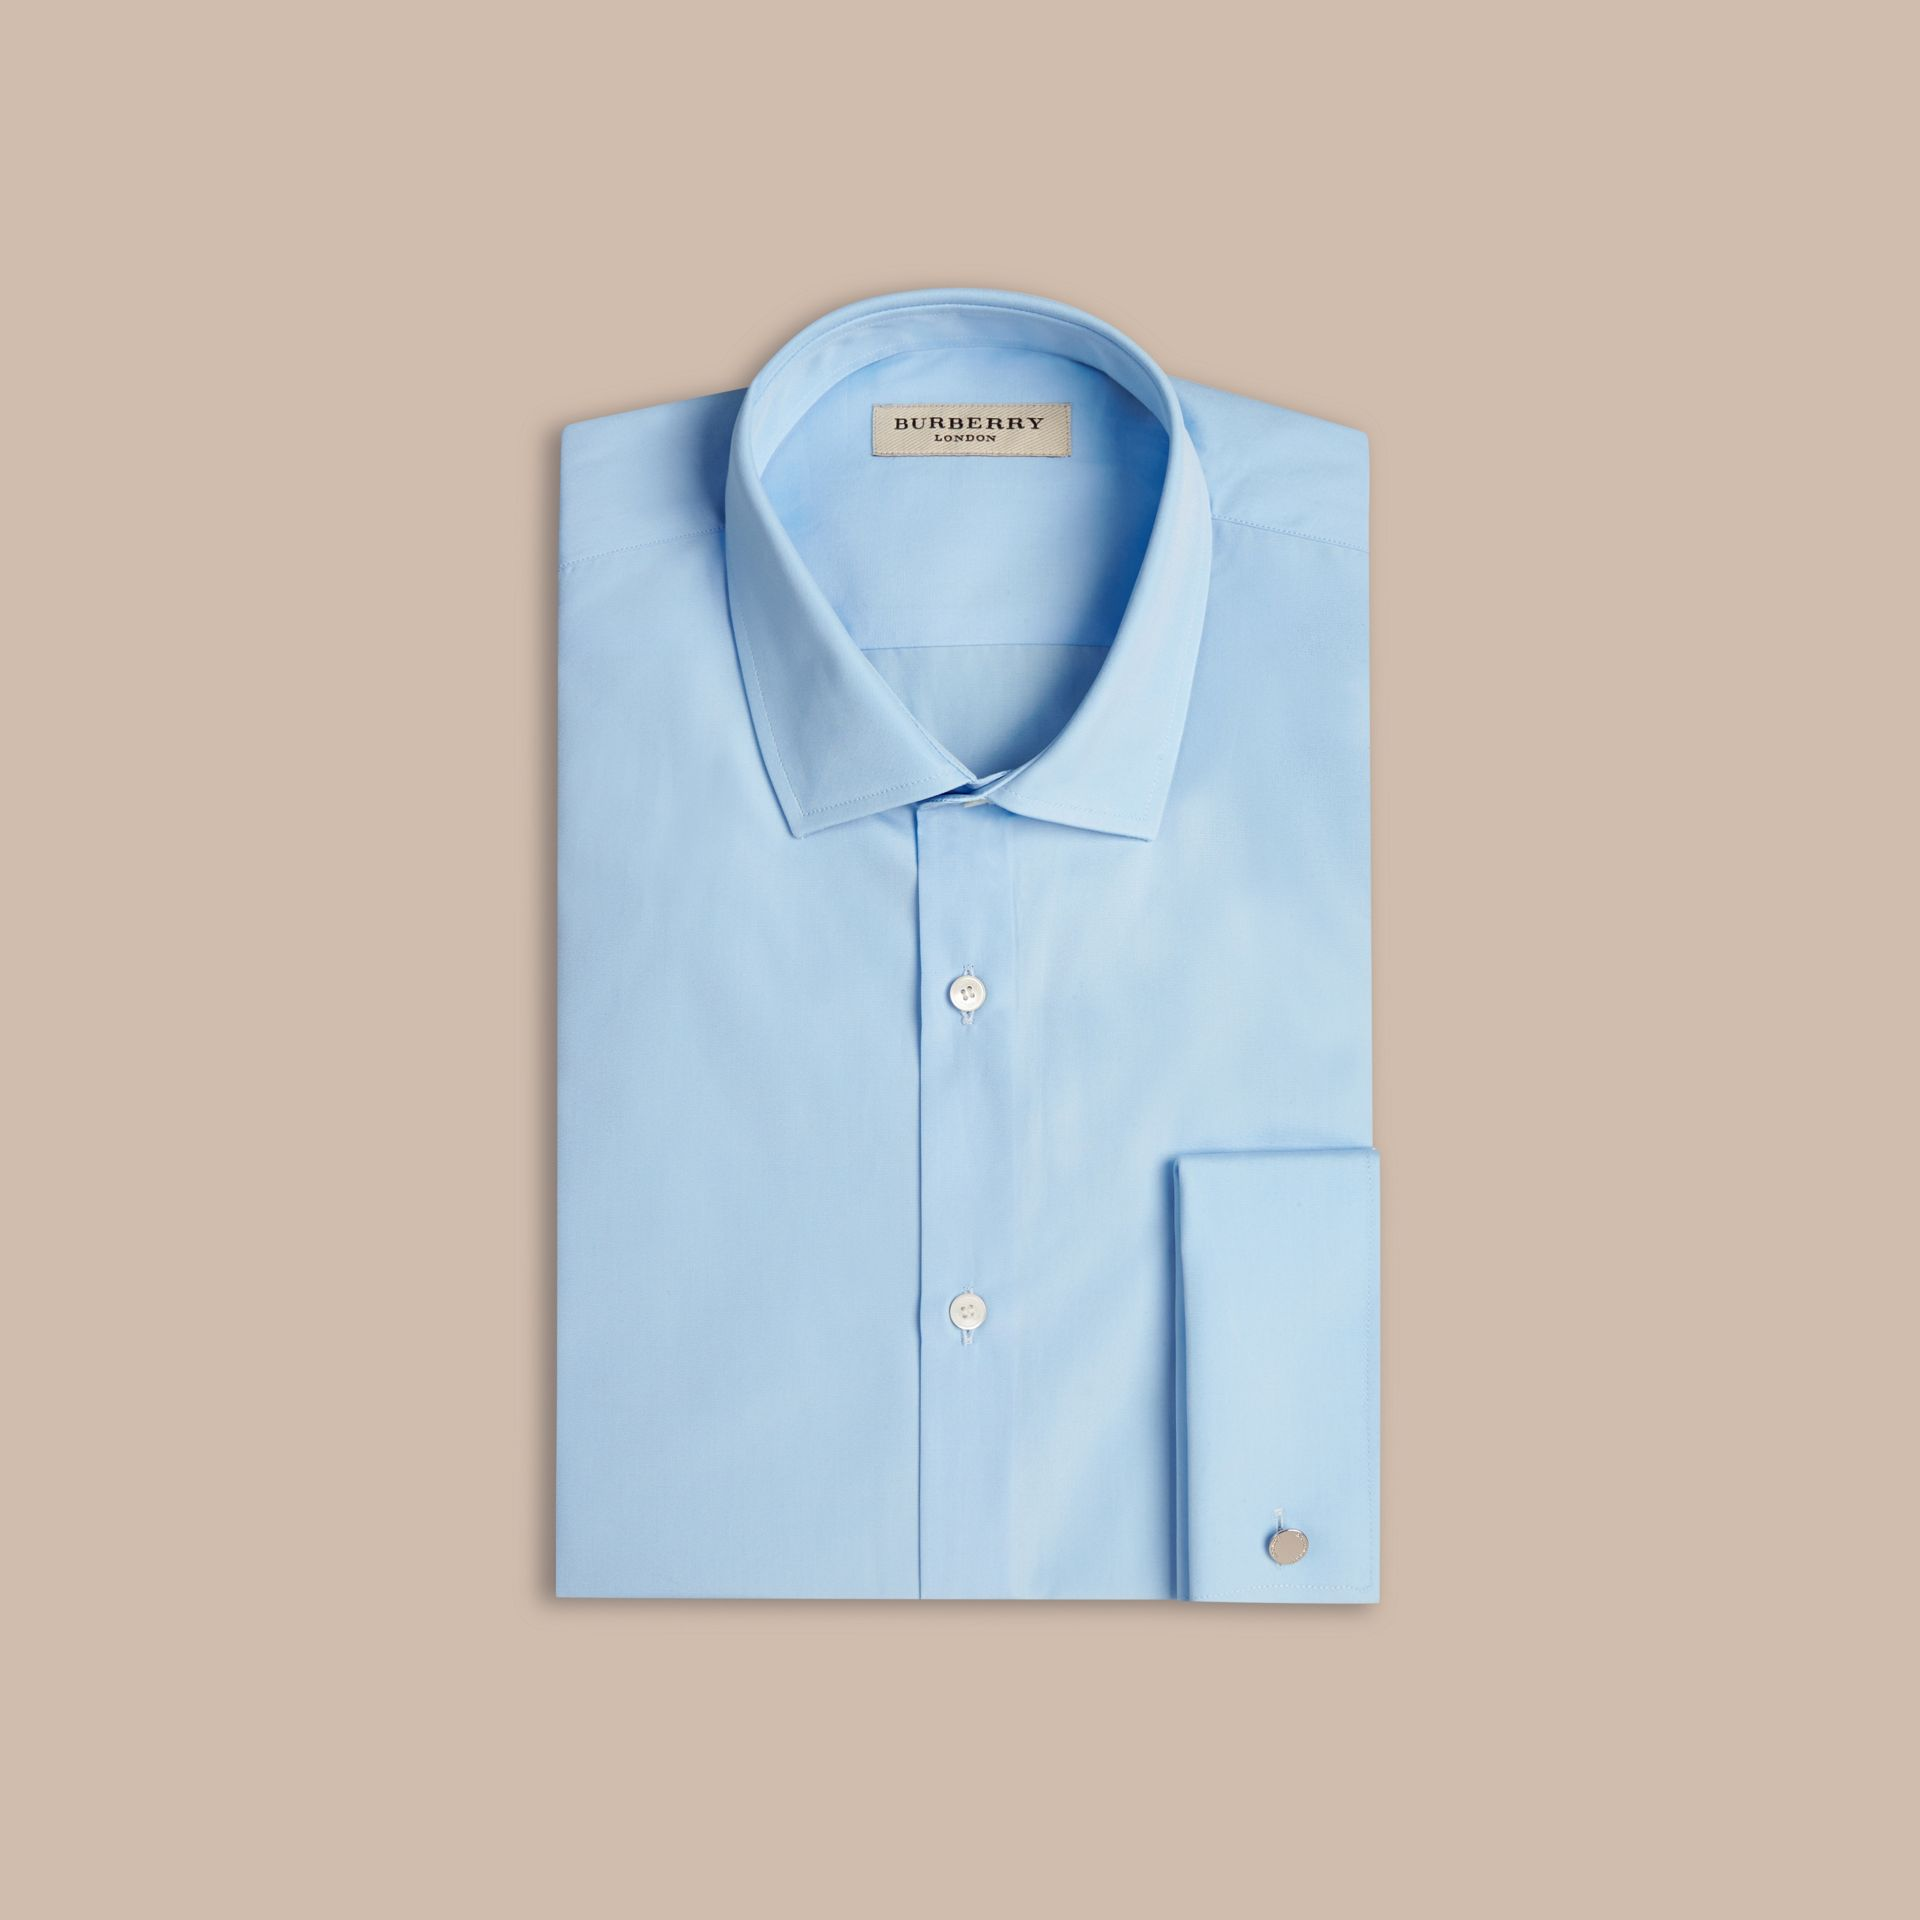 Azul urbano Camisa de popeline de algodão com corte moderno e punhos duplos Azul Urbano - galeria de imagens 4